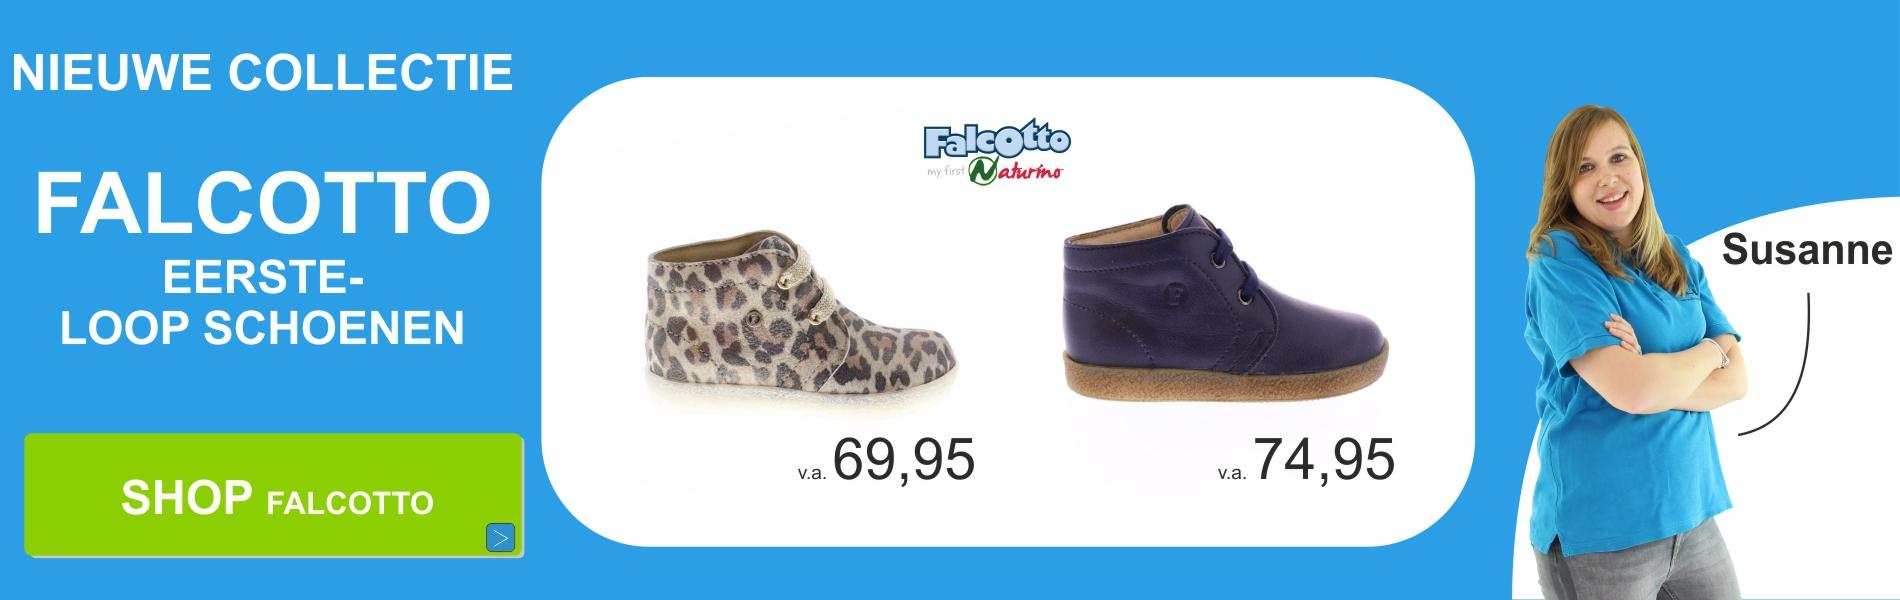 Falcotto eerste loop schoenen